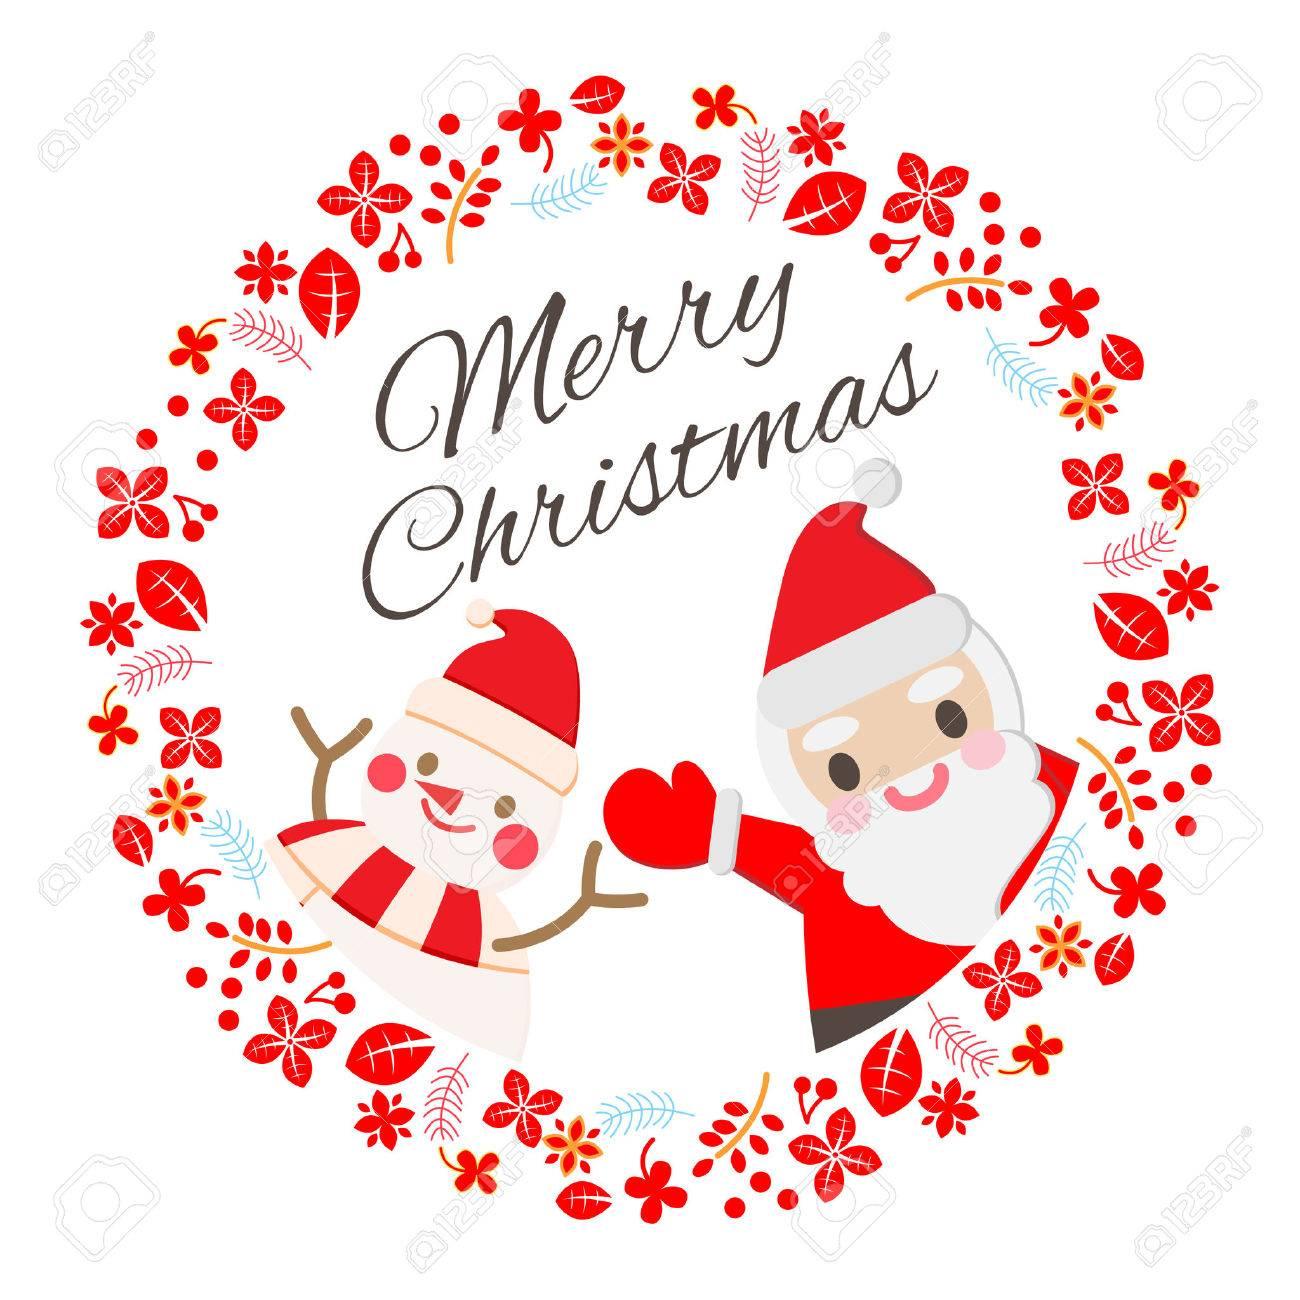 Holiday Card Greeting Xmas Sign Santa Cute Snowman Royalty